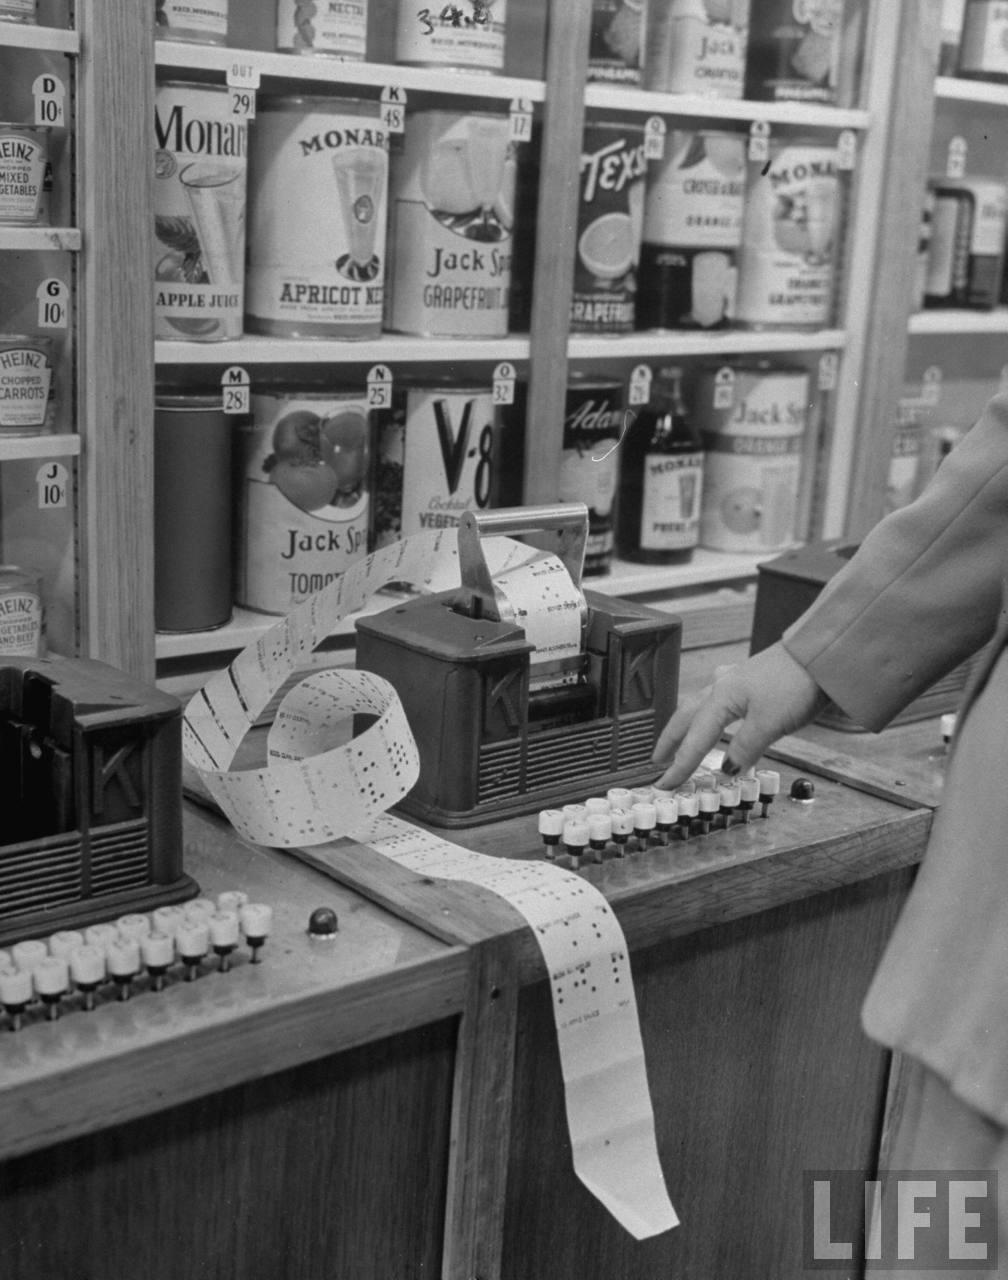 vendingmachine3